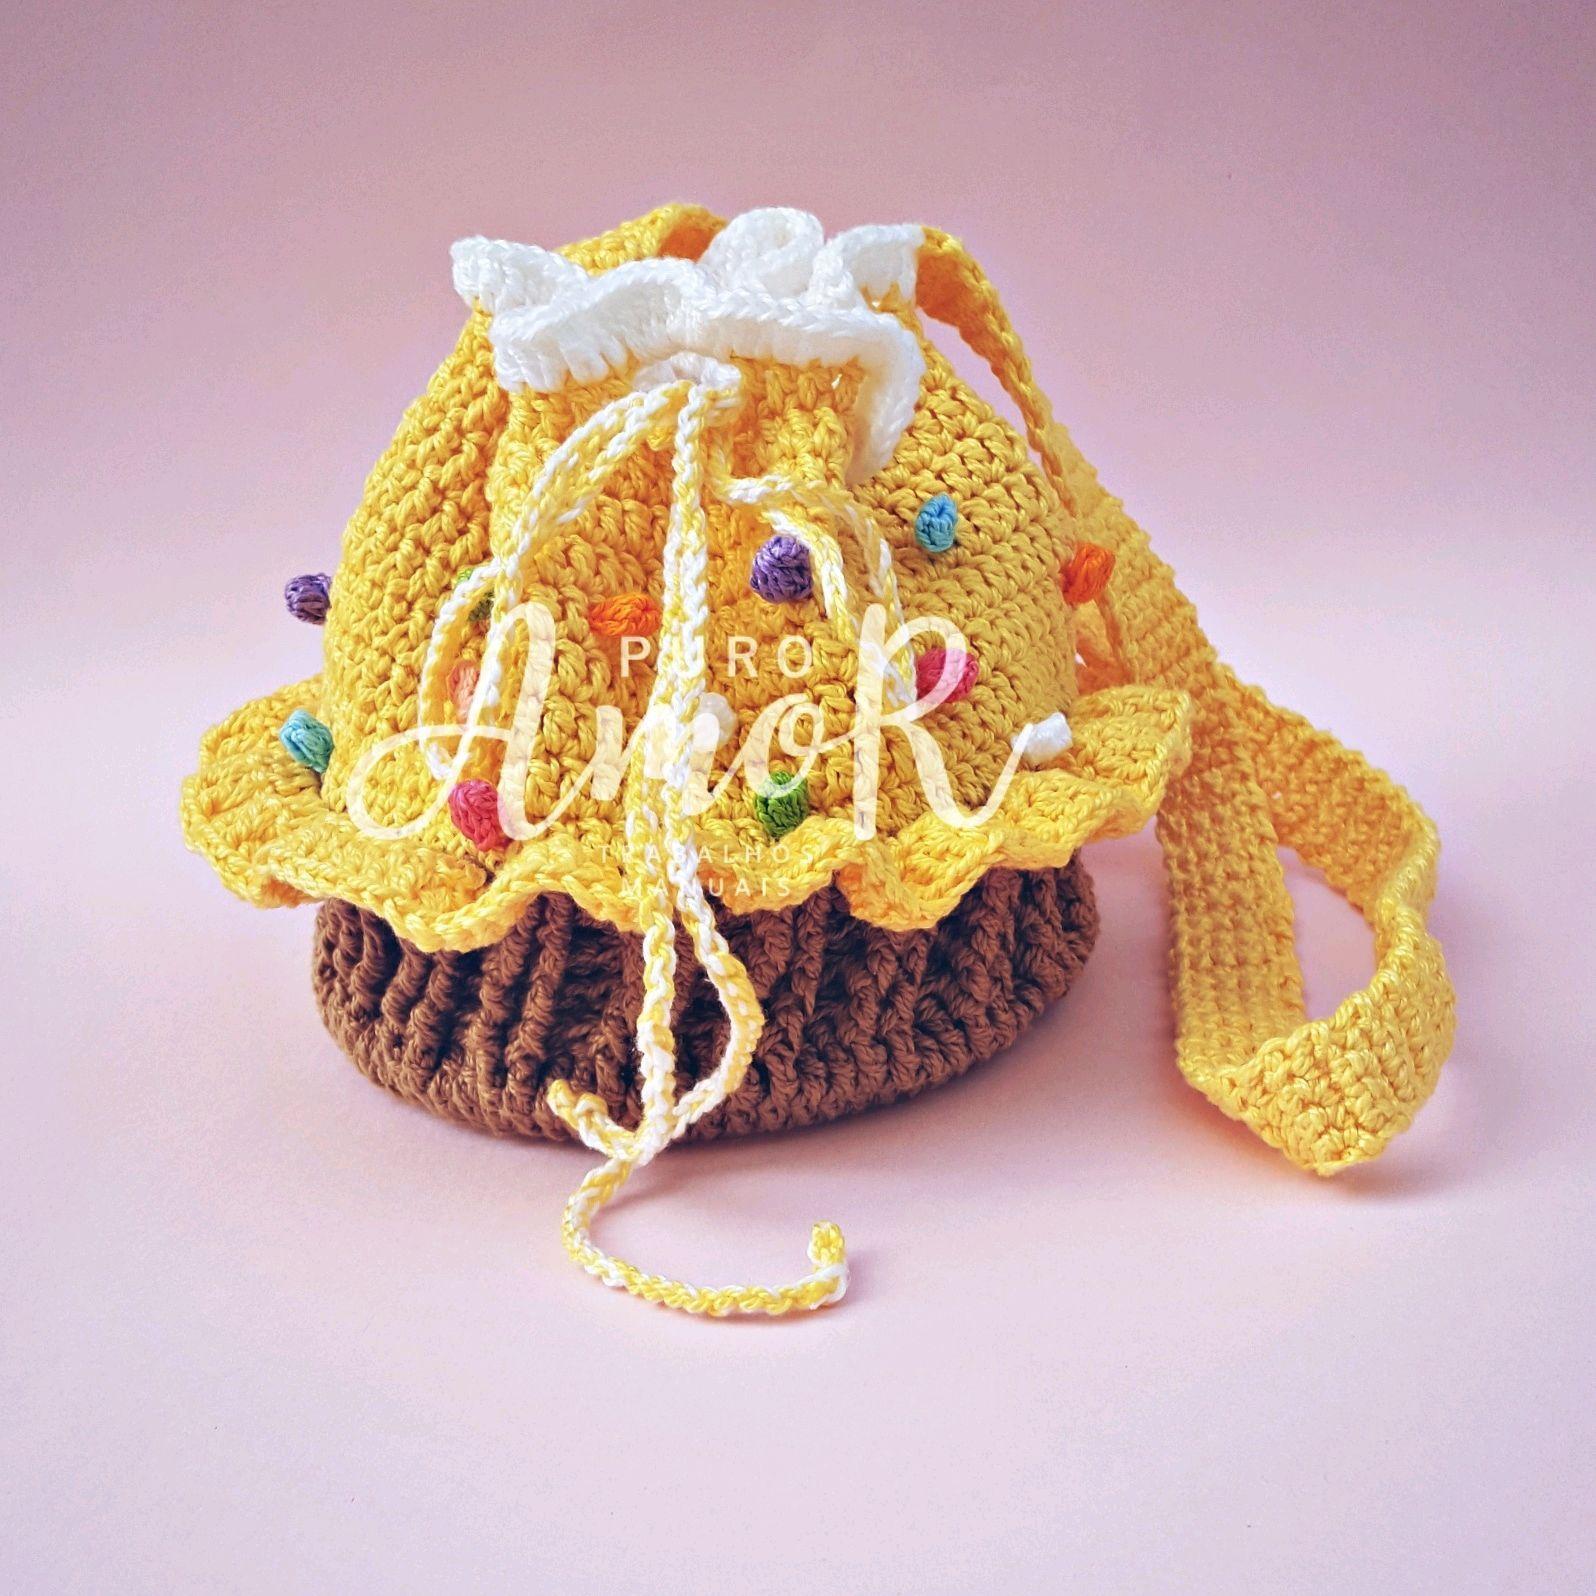 Bolsa Cupcake Infantil Crochê no Elo7  236b157142c